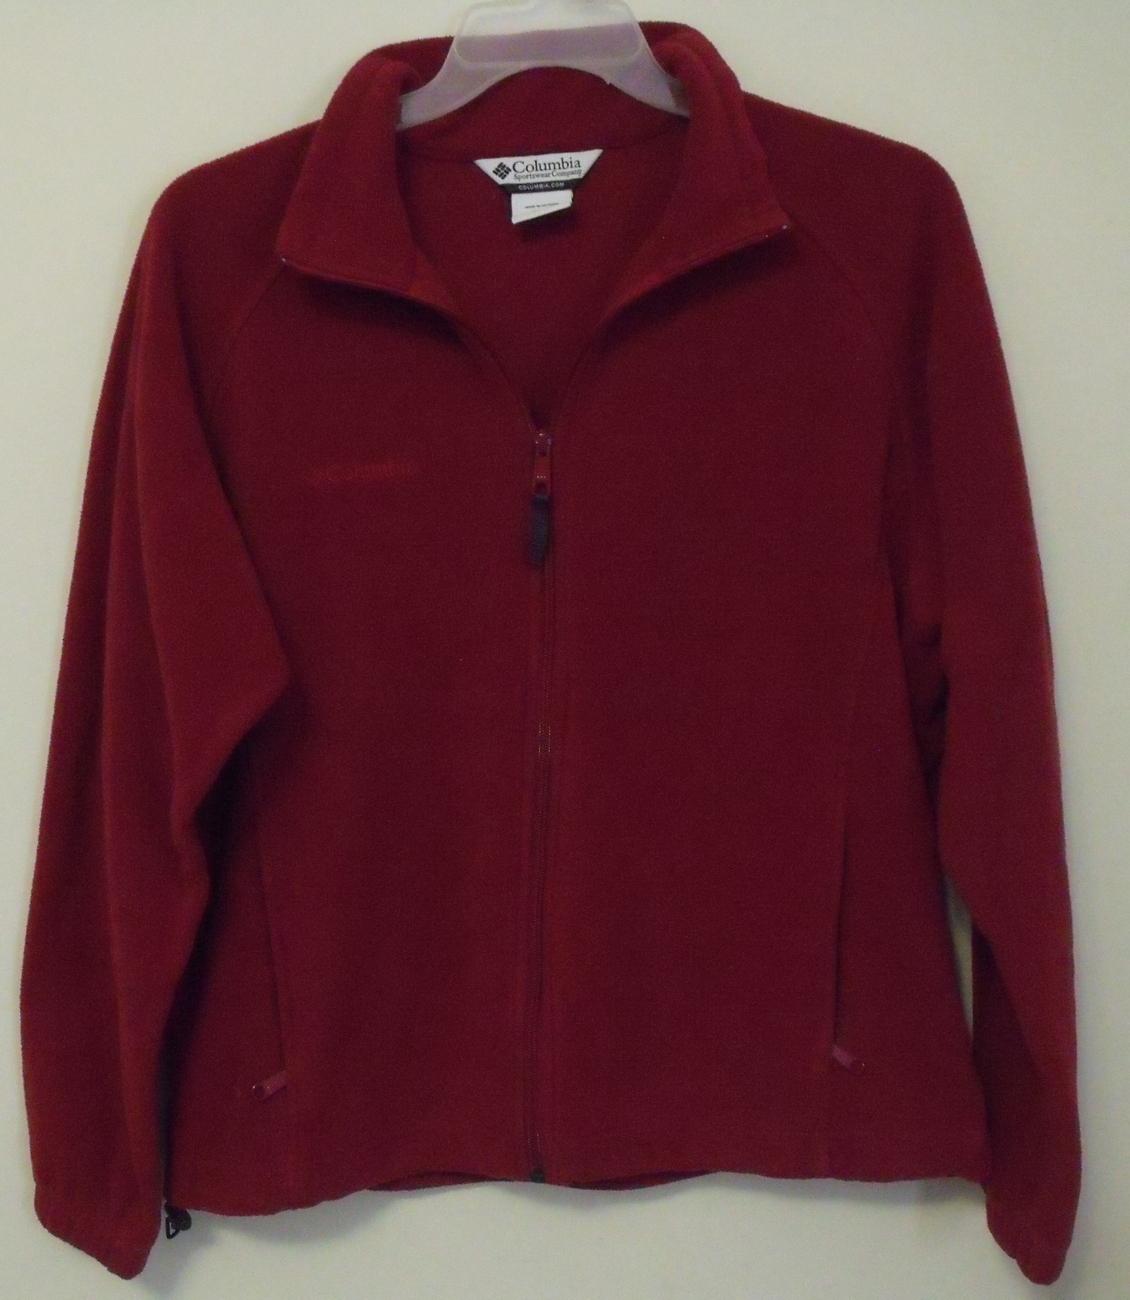 Columbia_red_fleece_jacket_xl